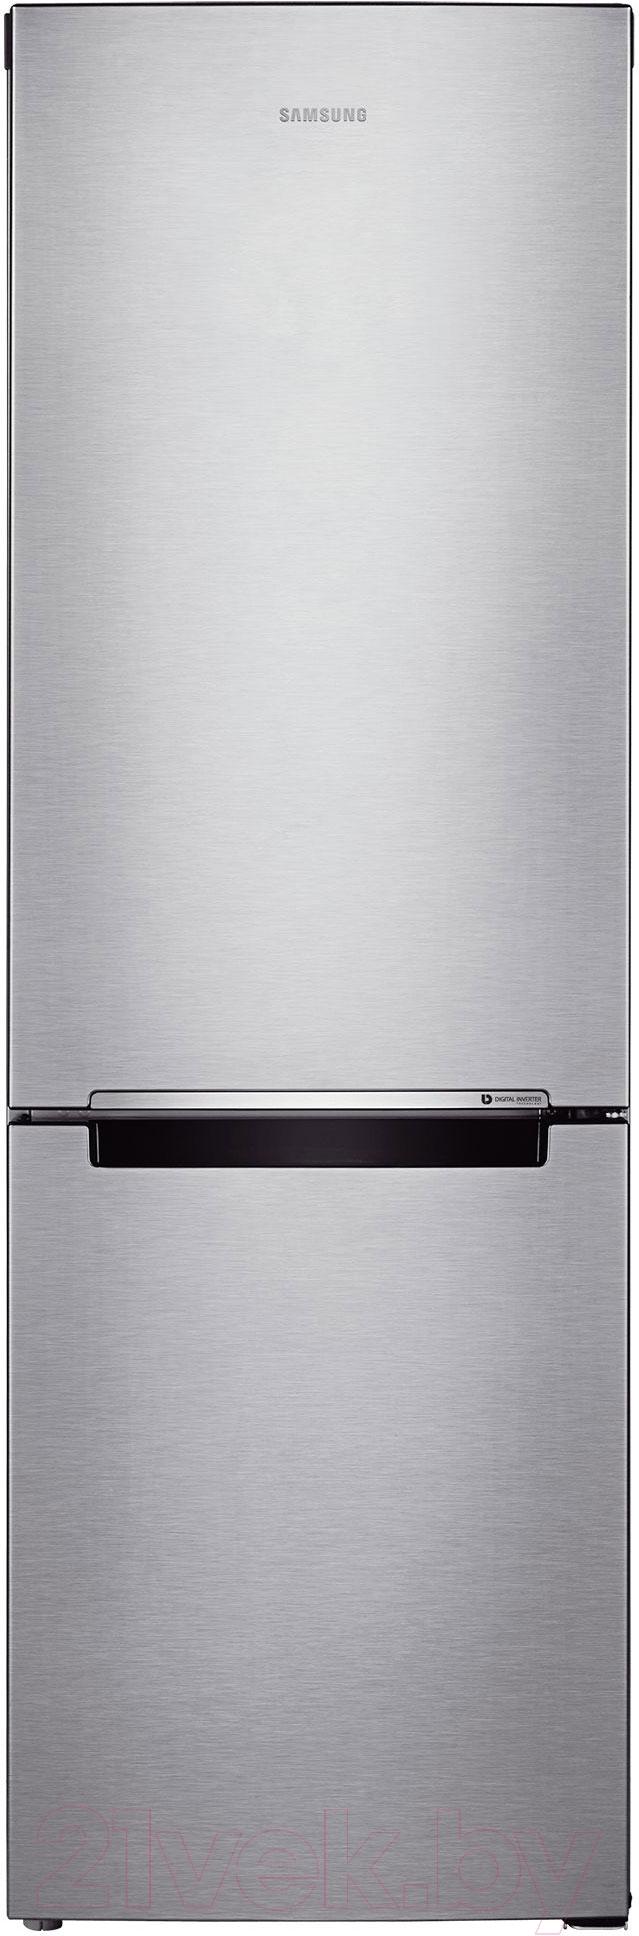 Купить Холодильник с морозильником Samsung, RB30J3000SA/WT, Польша